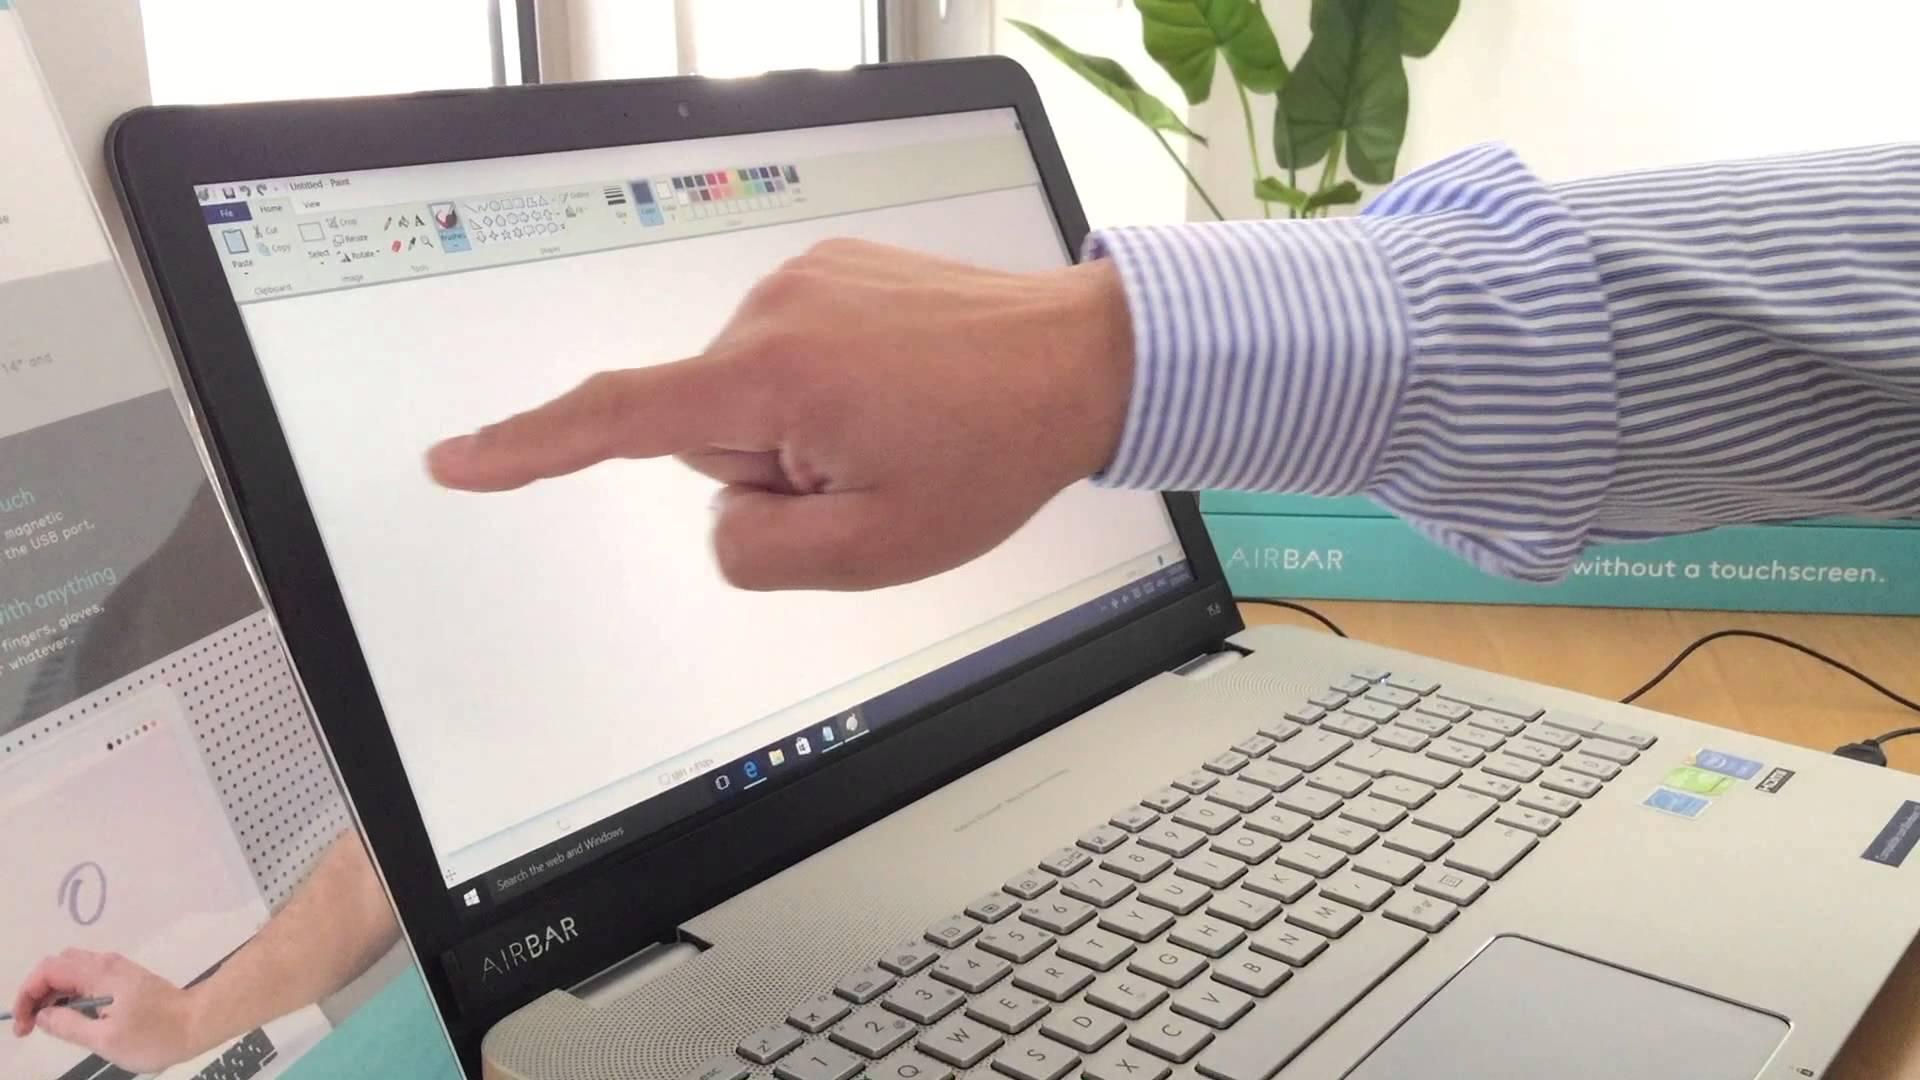 Podemos utilizar la mano para dibujar en la pantalla.